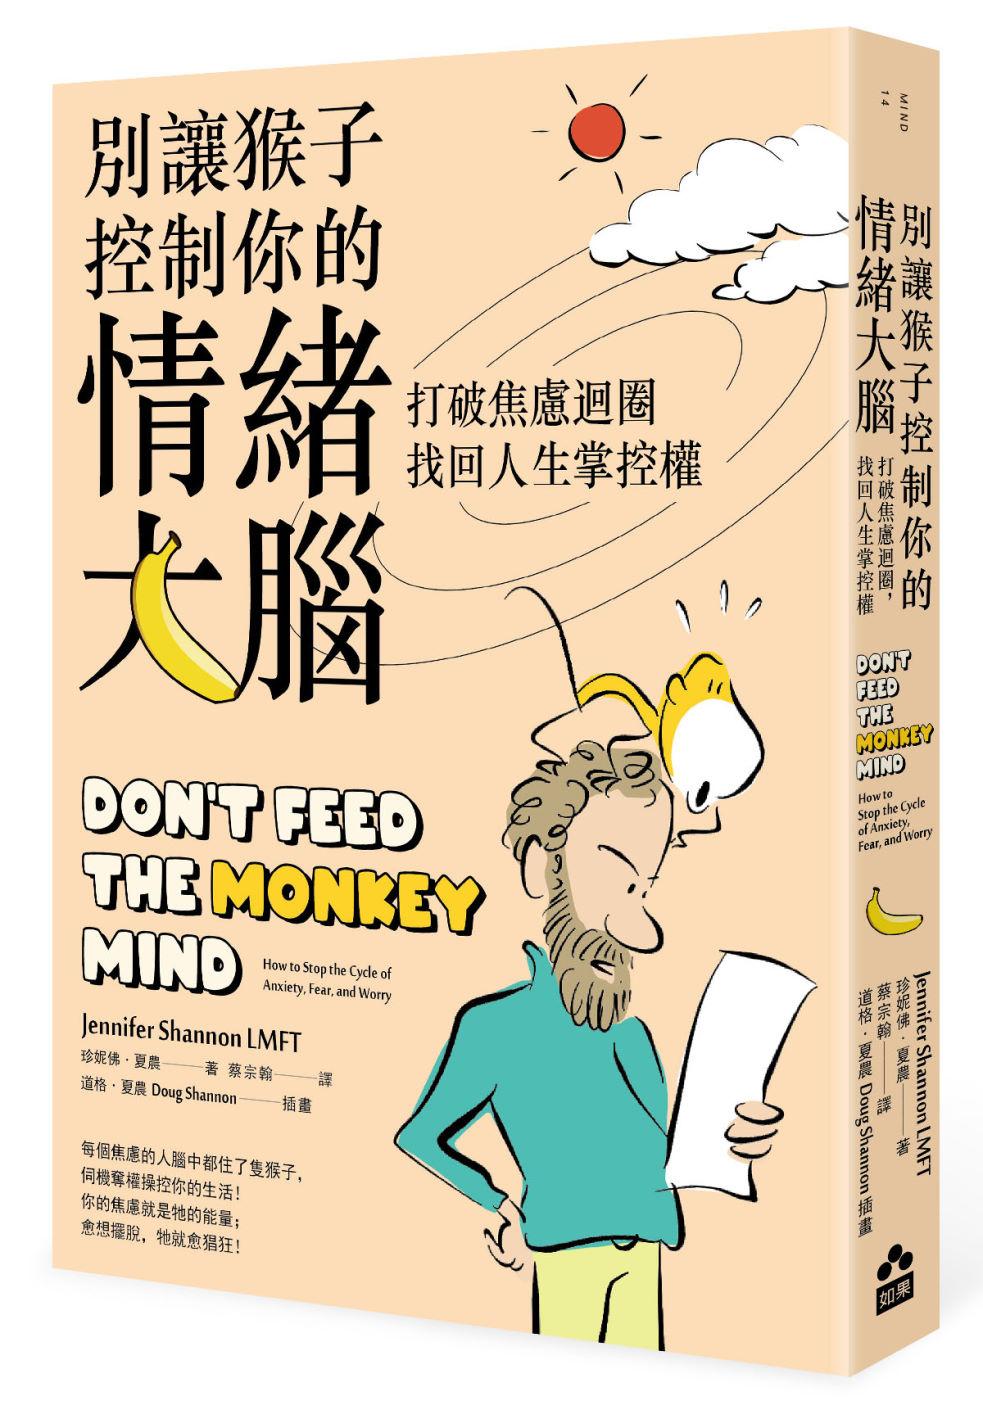 別讓猴子控制你的情緒大腦:打破焦慮迴圈,找回人生掌控權